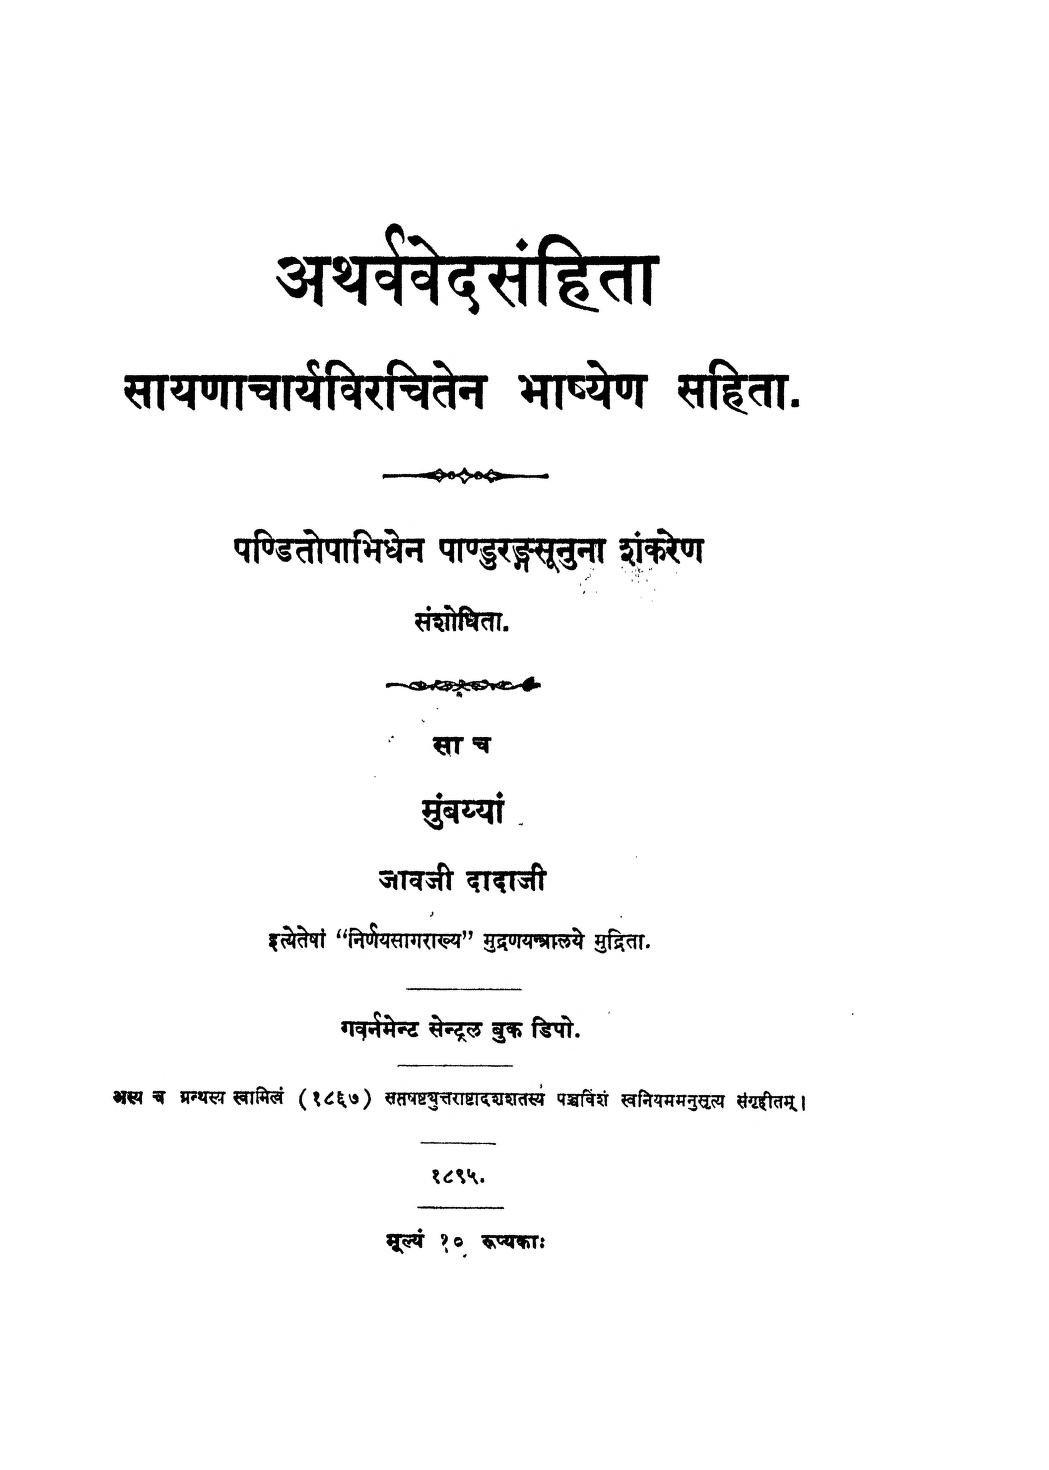 Atharvaveda Samhita - Vol. 2 by शङ्कर पाण्डुरङ्ग - Shankar Pandurangसायणाचार्य - Sayanacharya